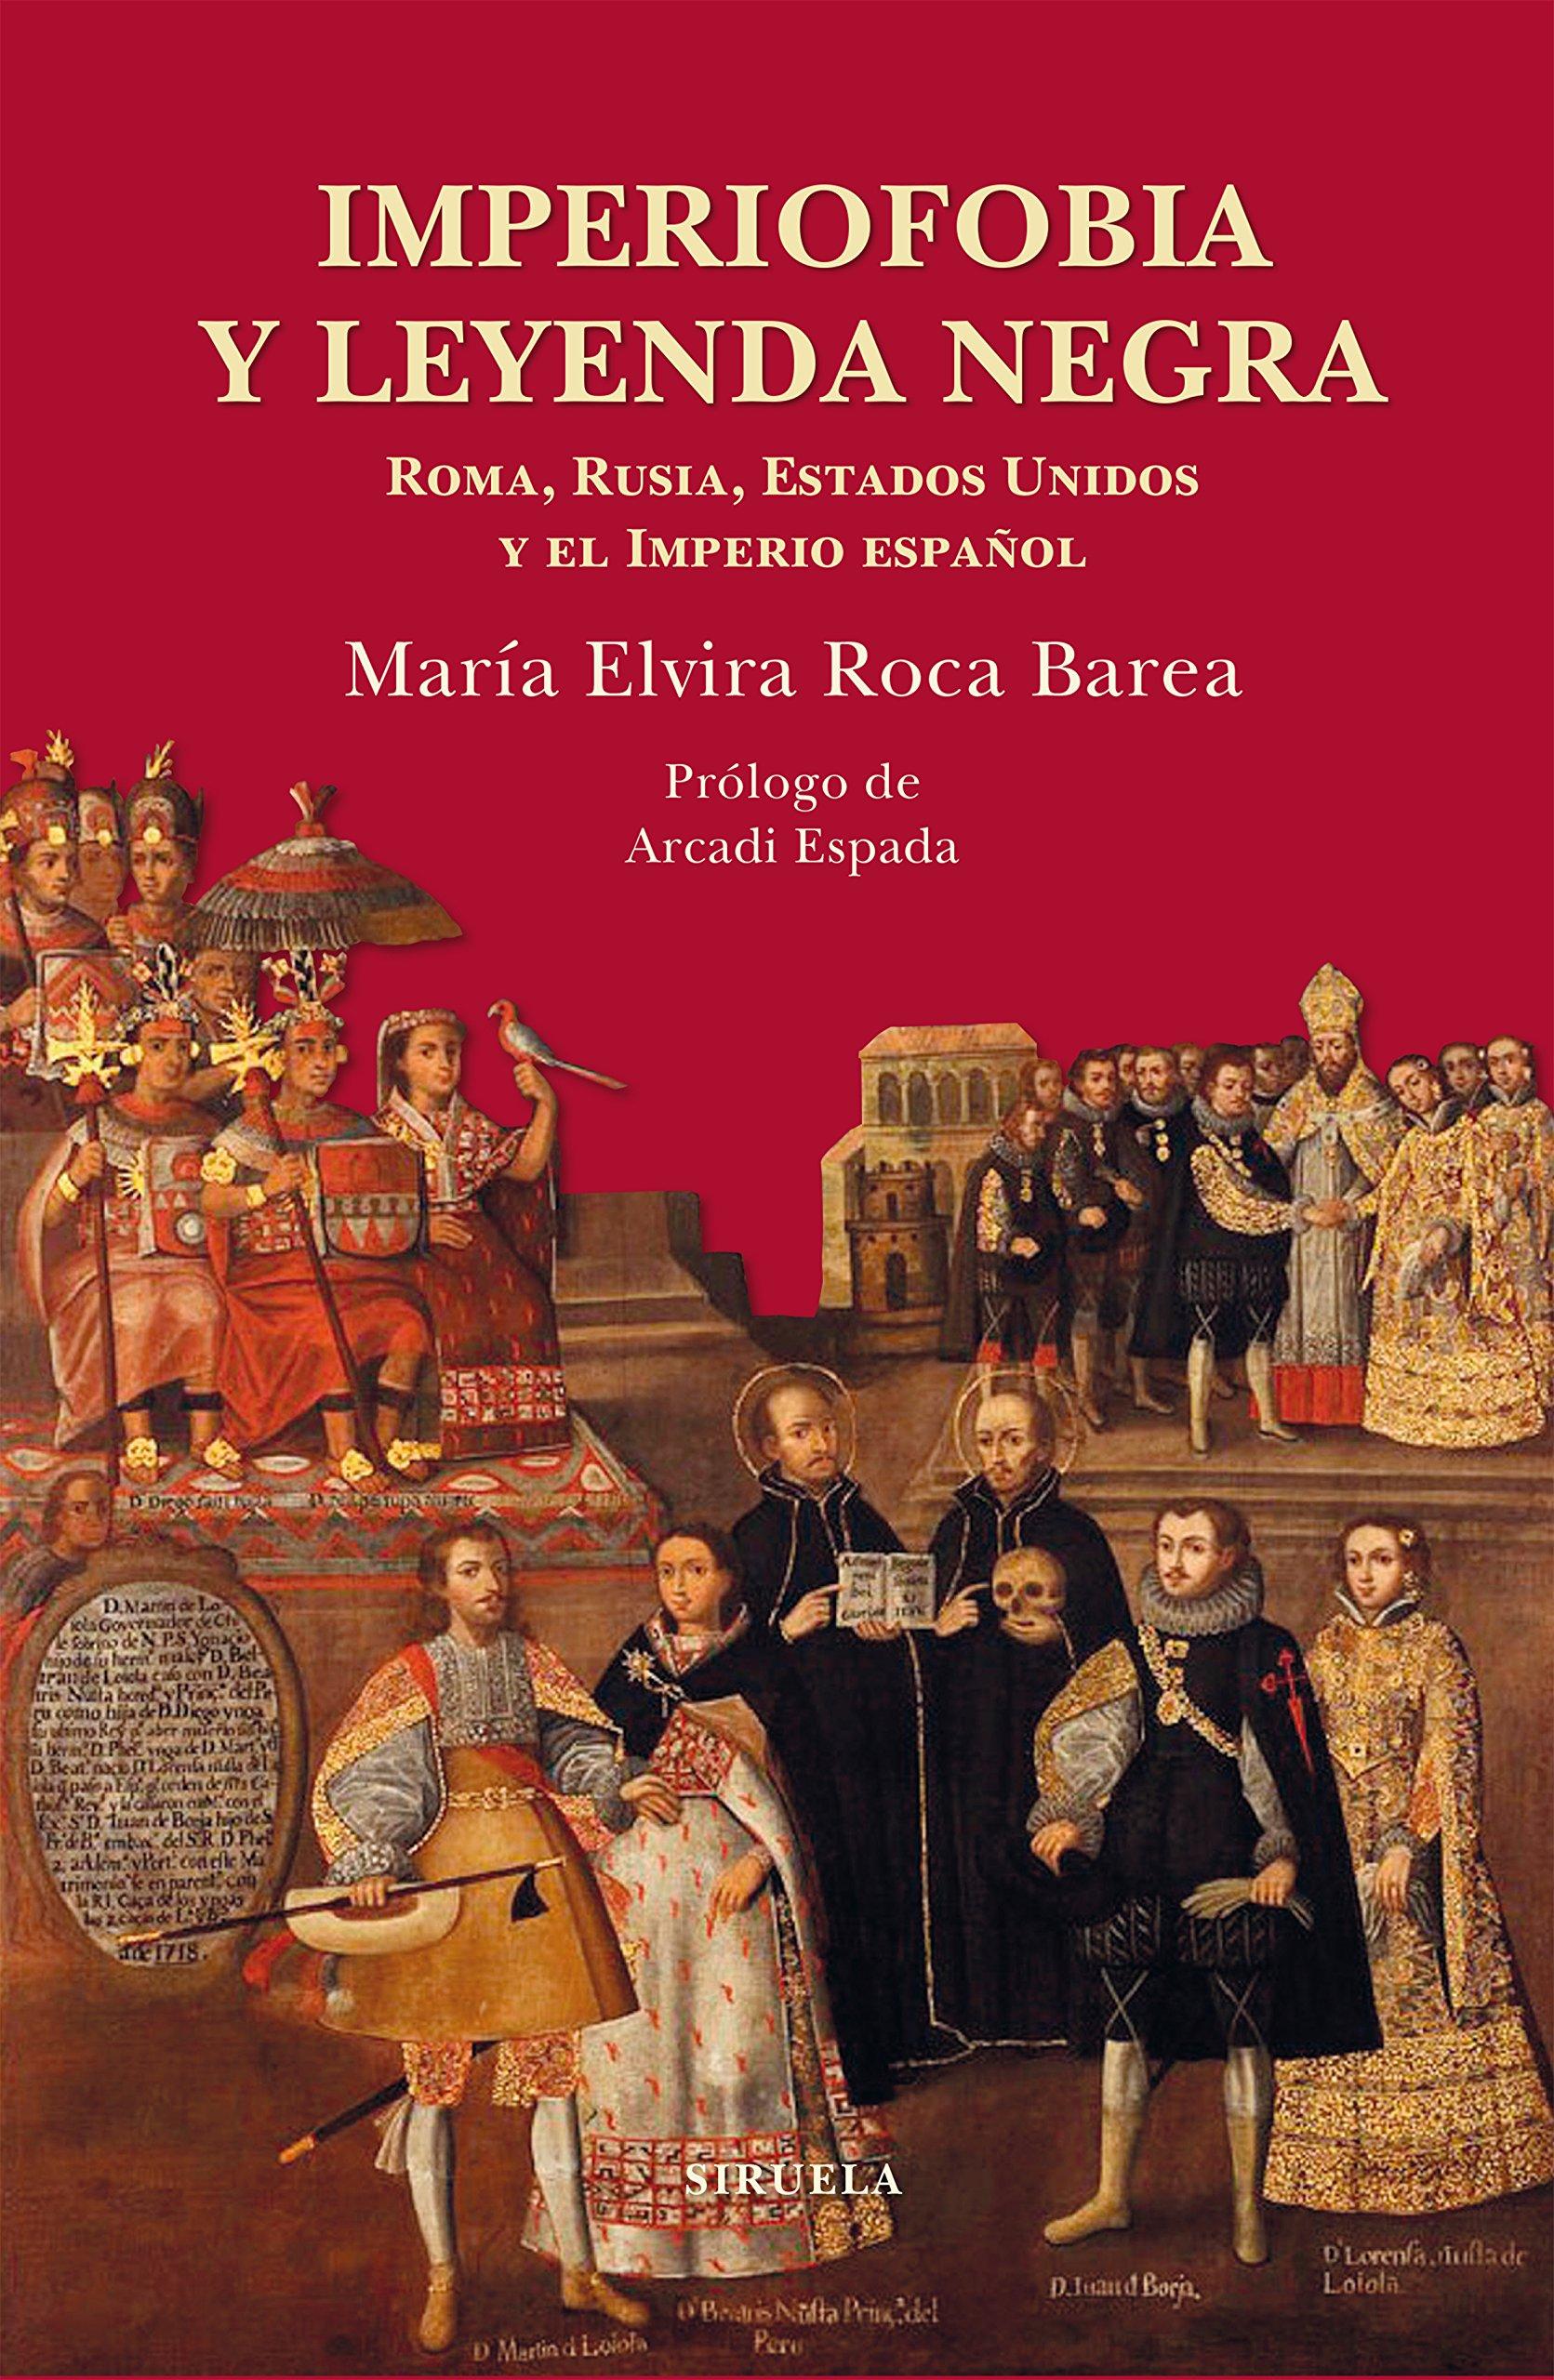 Imperiofobia y leyenda negra Biblioteca de Ensayo / Serie mayor: Amazon.es: María Elvira Roca Barea, Arcadi Espada: Libros